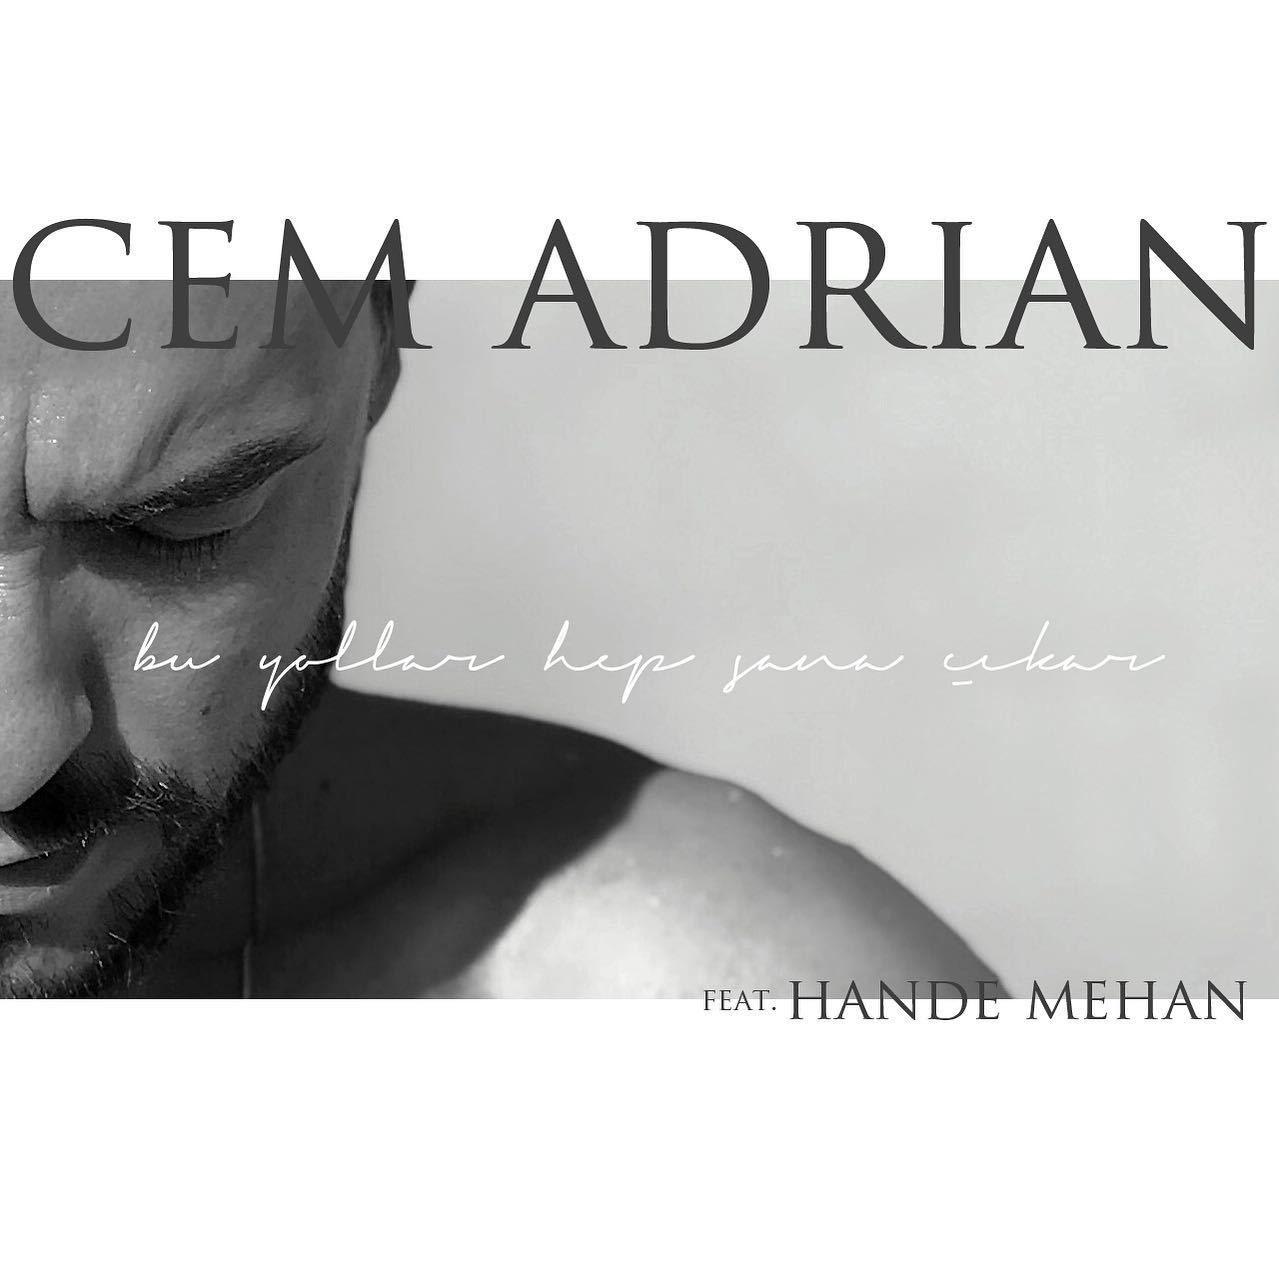 Cem Adrian Bu Yollar Hep Sana Cikar Feat Hande Mehan Sarki Sozleri Sarkilar Sarki Sozleri Album